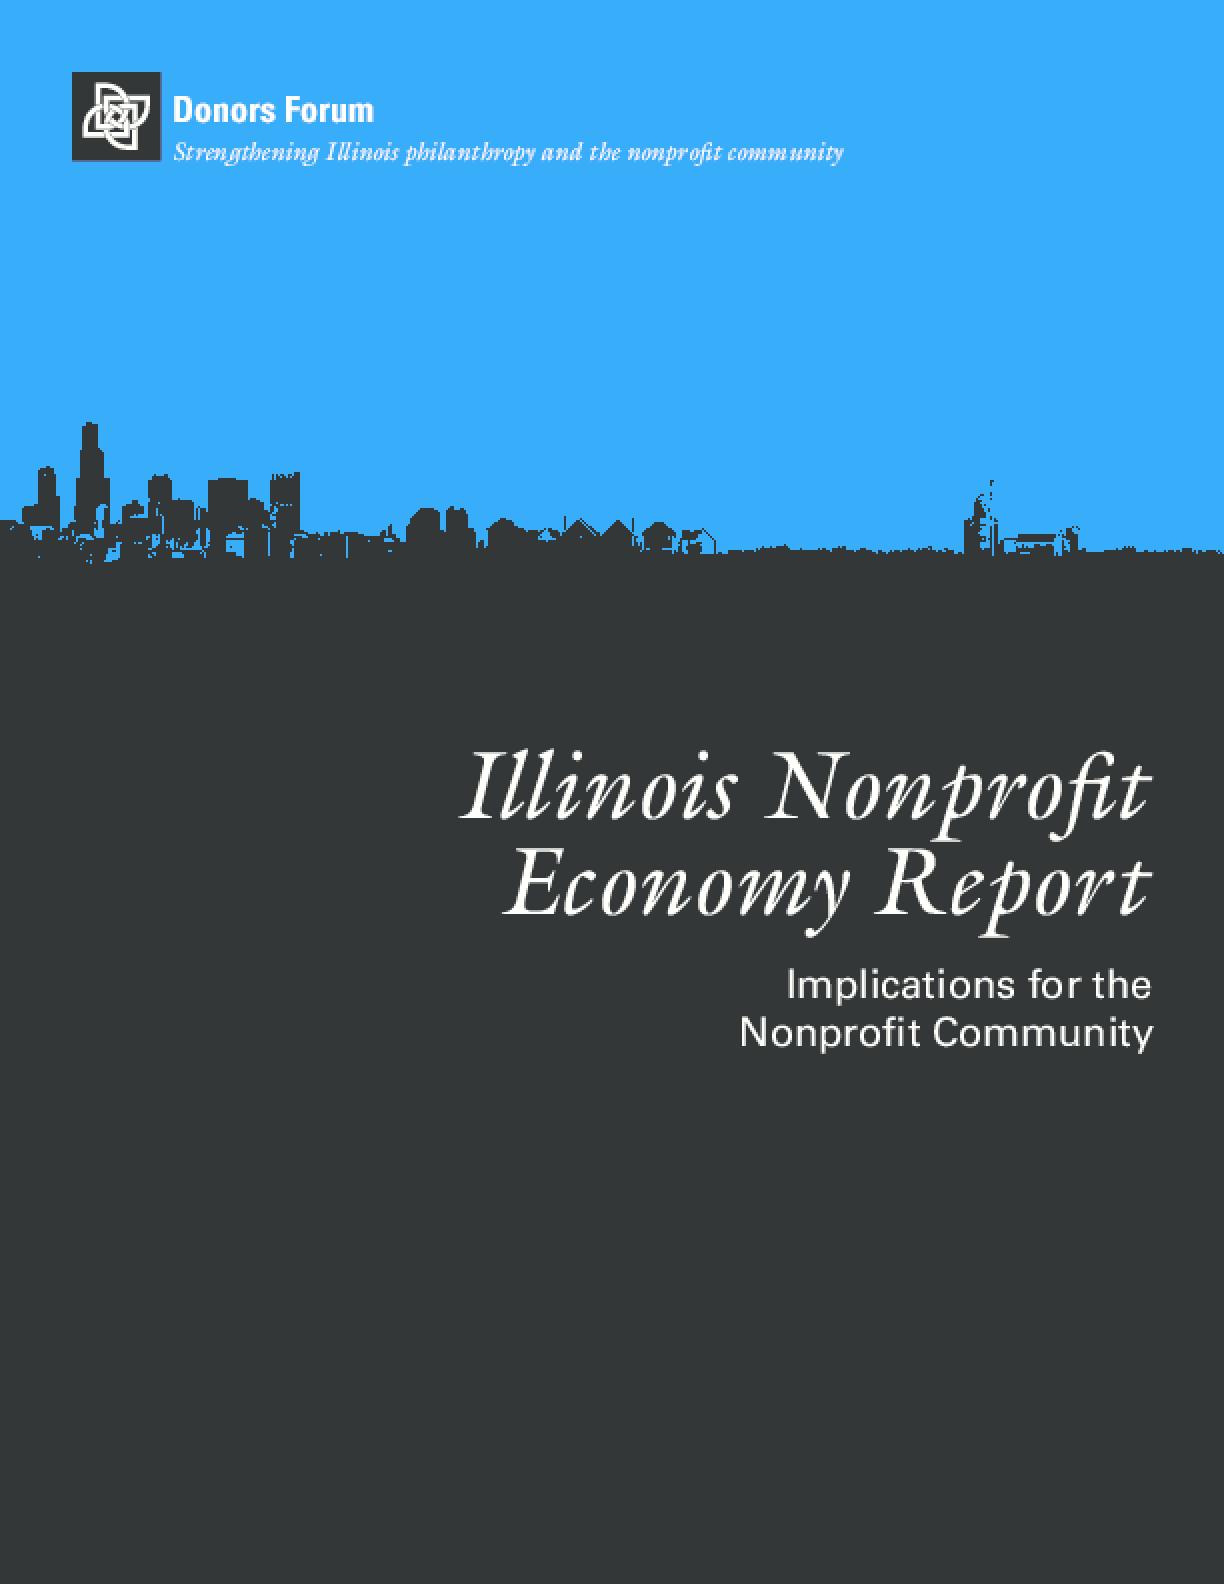 Illinois Nonprofit Economy Report